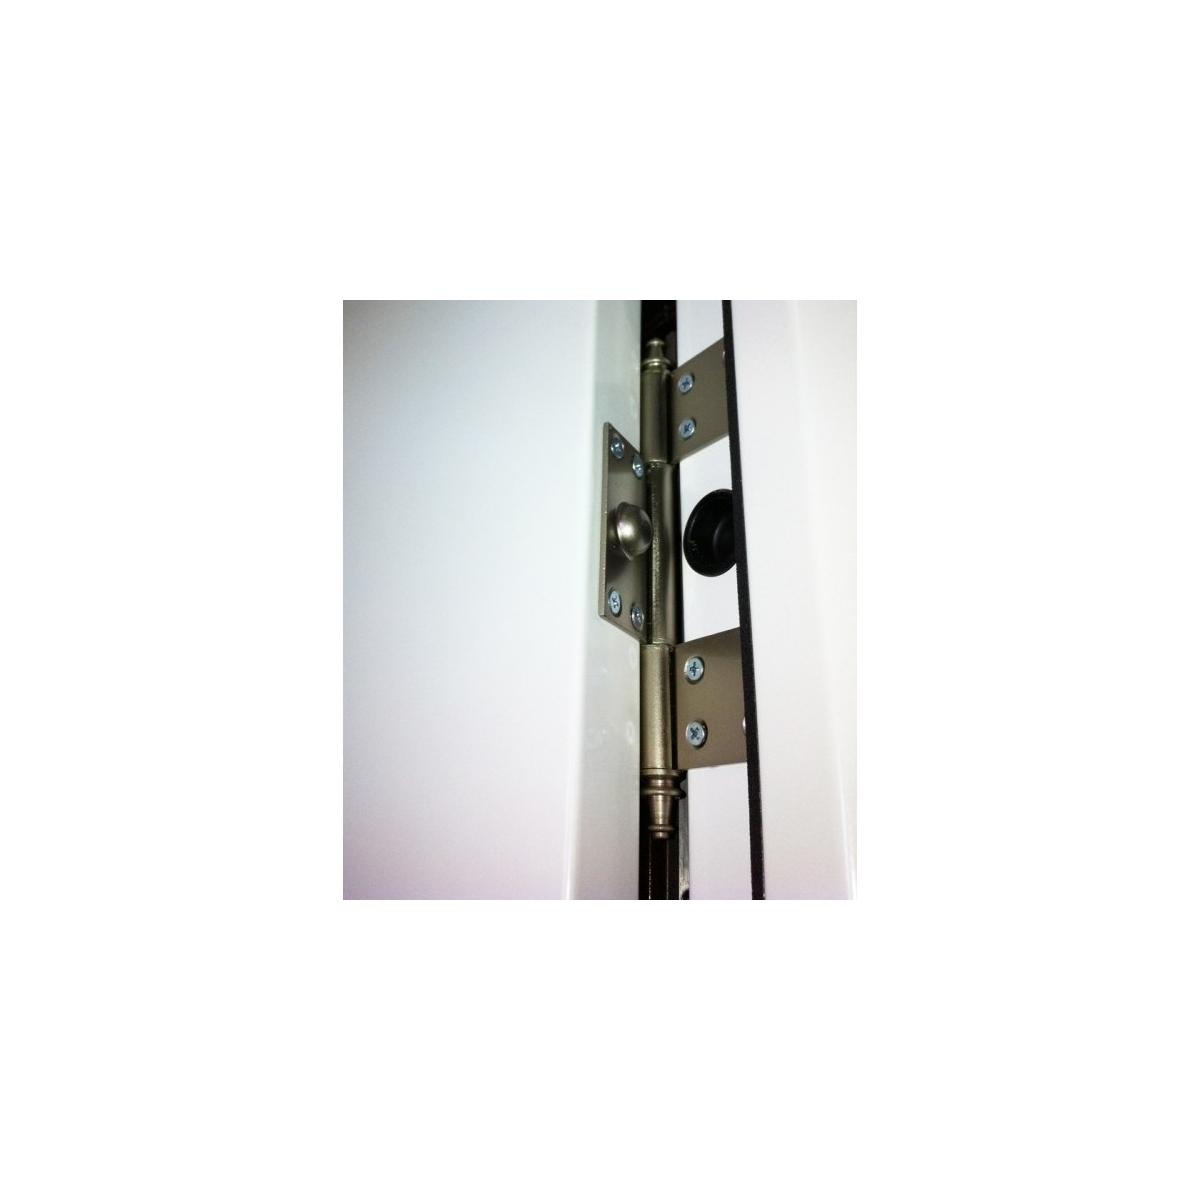 Puerta acorazada Doble Casetón - Puertas acorazadas Serie B4-BL